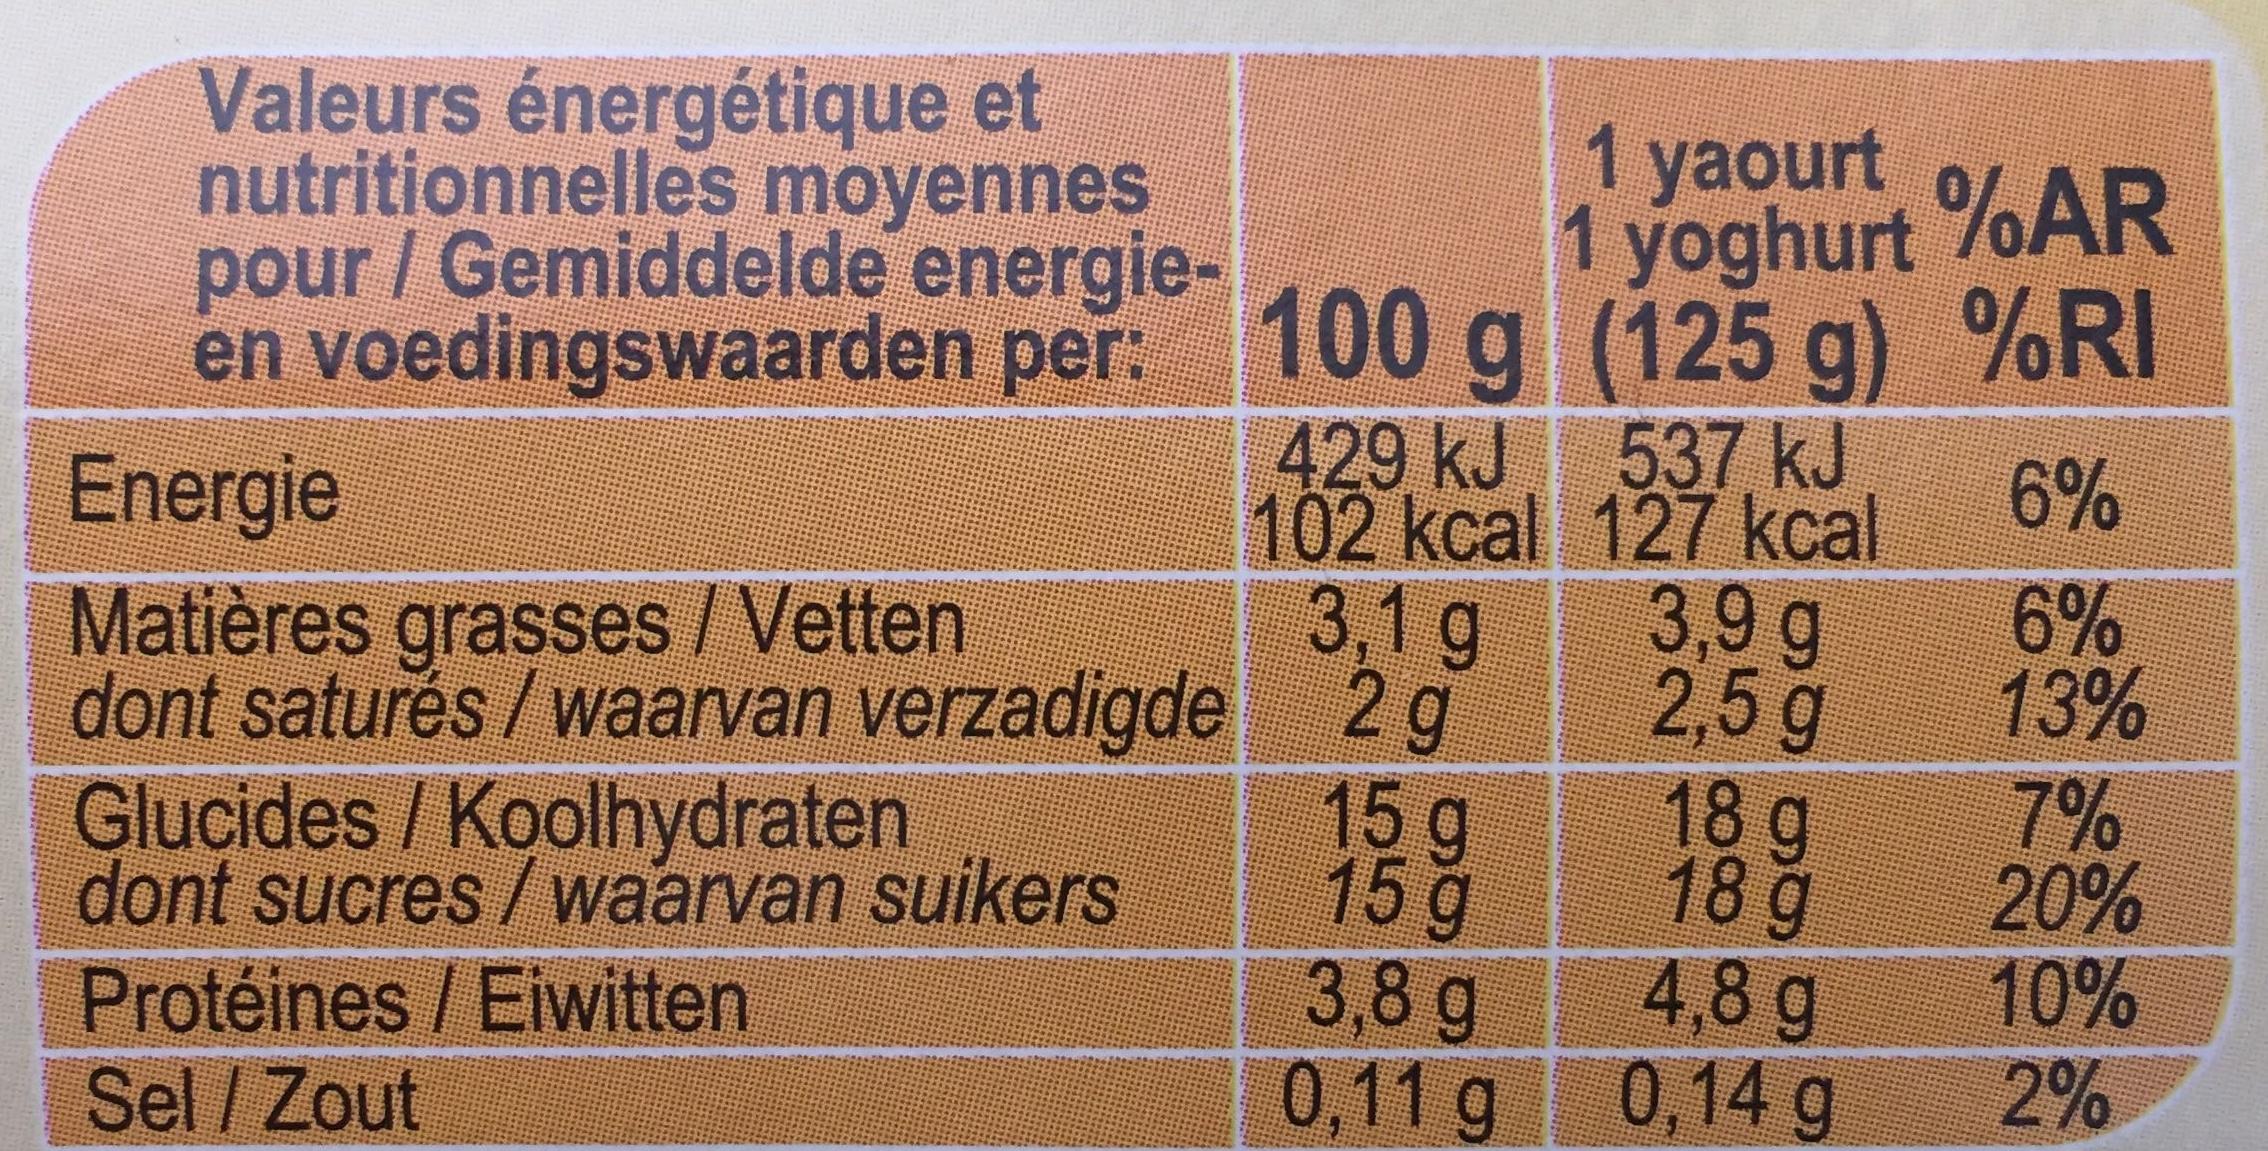 Yaourt saveur vanille - Voedingswaarden